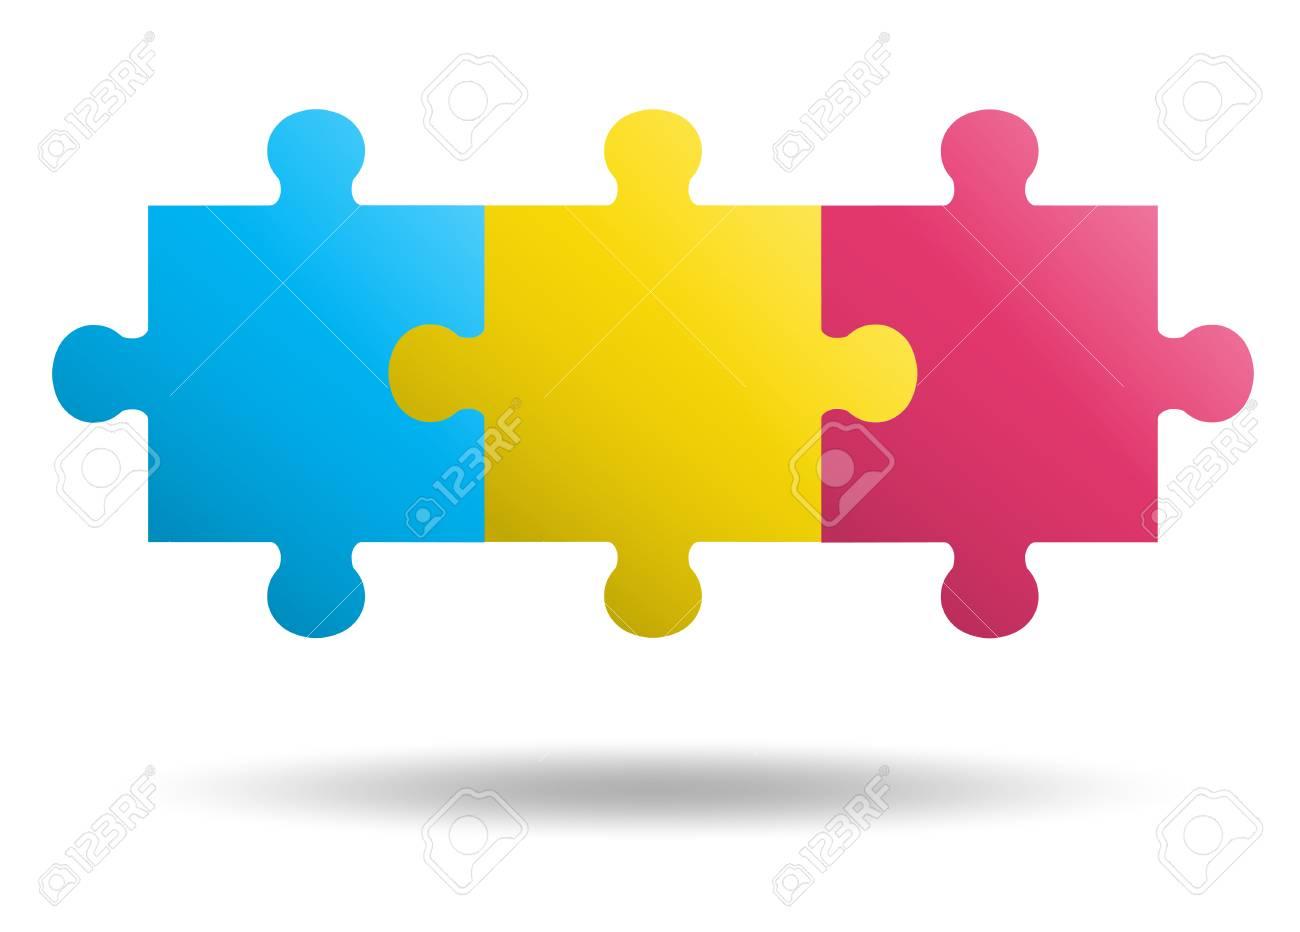 3 pieces Puzzle design - 114762741